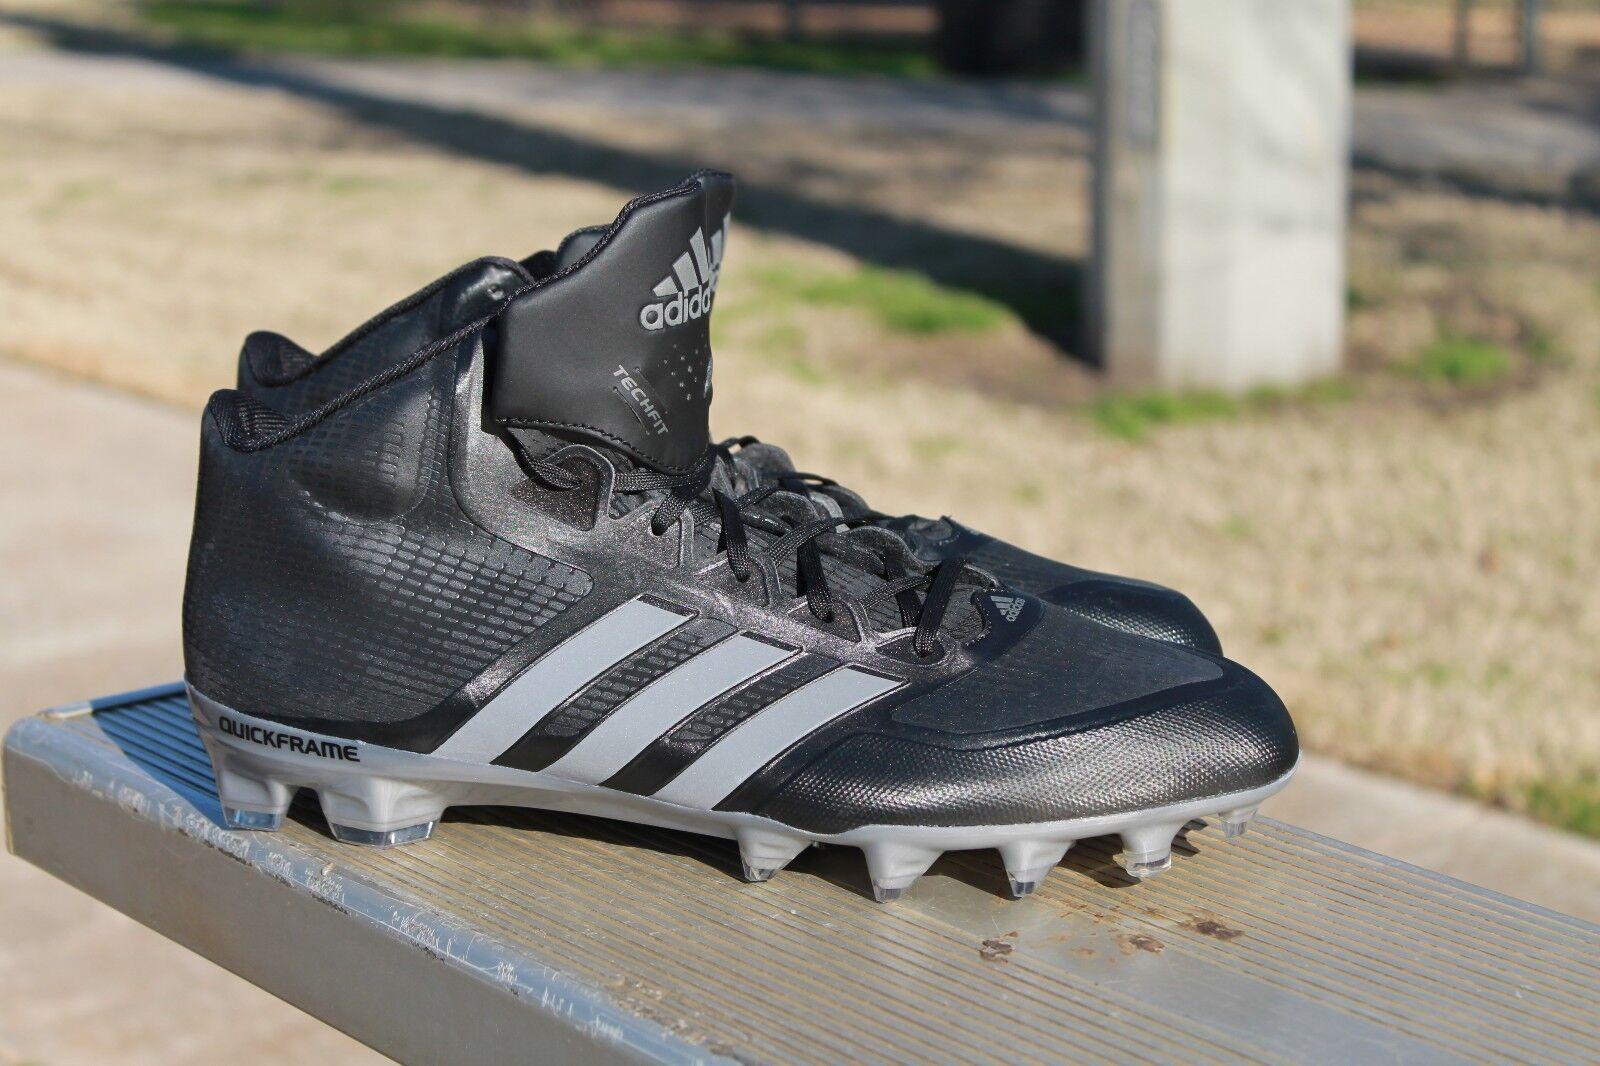 Neu Adidas Adipure Football Crazyquick Mid Techfit Stollen Schuhe Gr. 13    Shop Düsseldorf